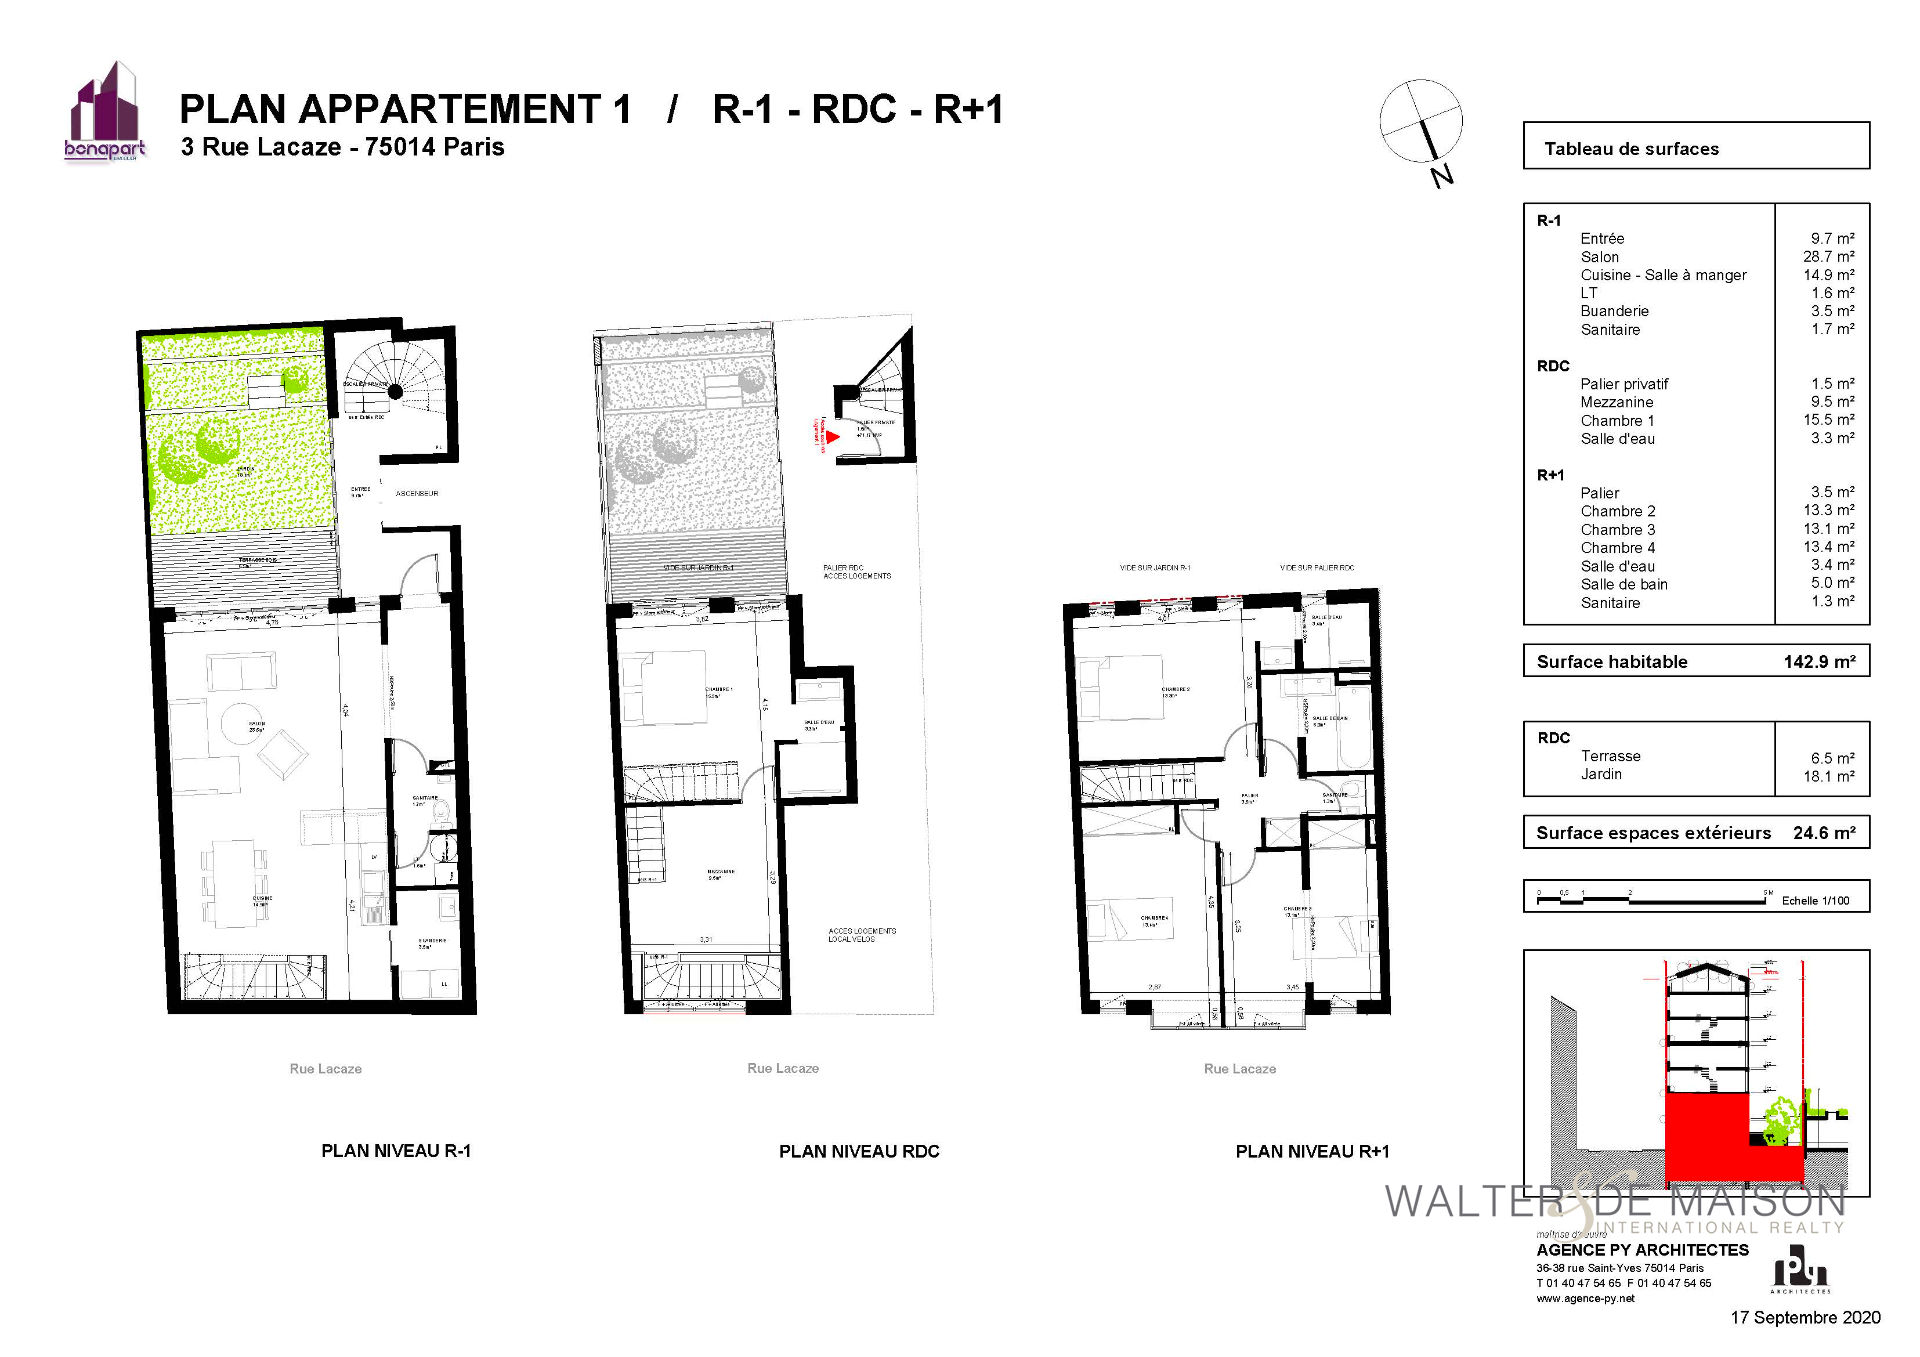 Appartement 5 pièce(s) 142.9 m²                         75014 PARIS